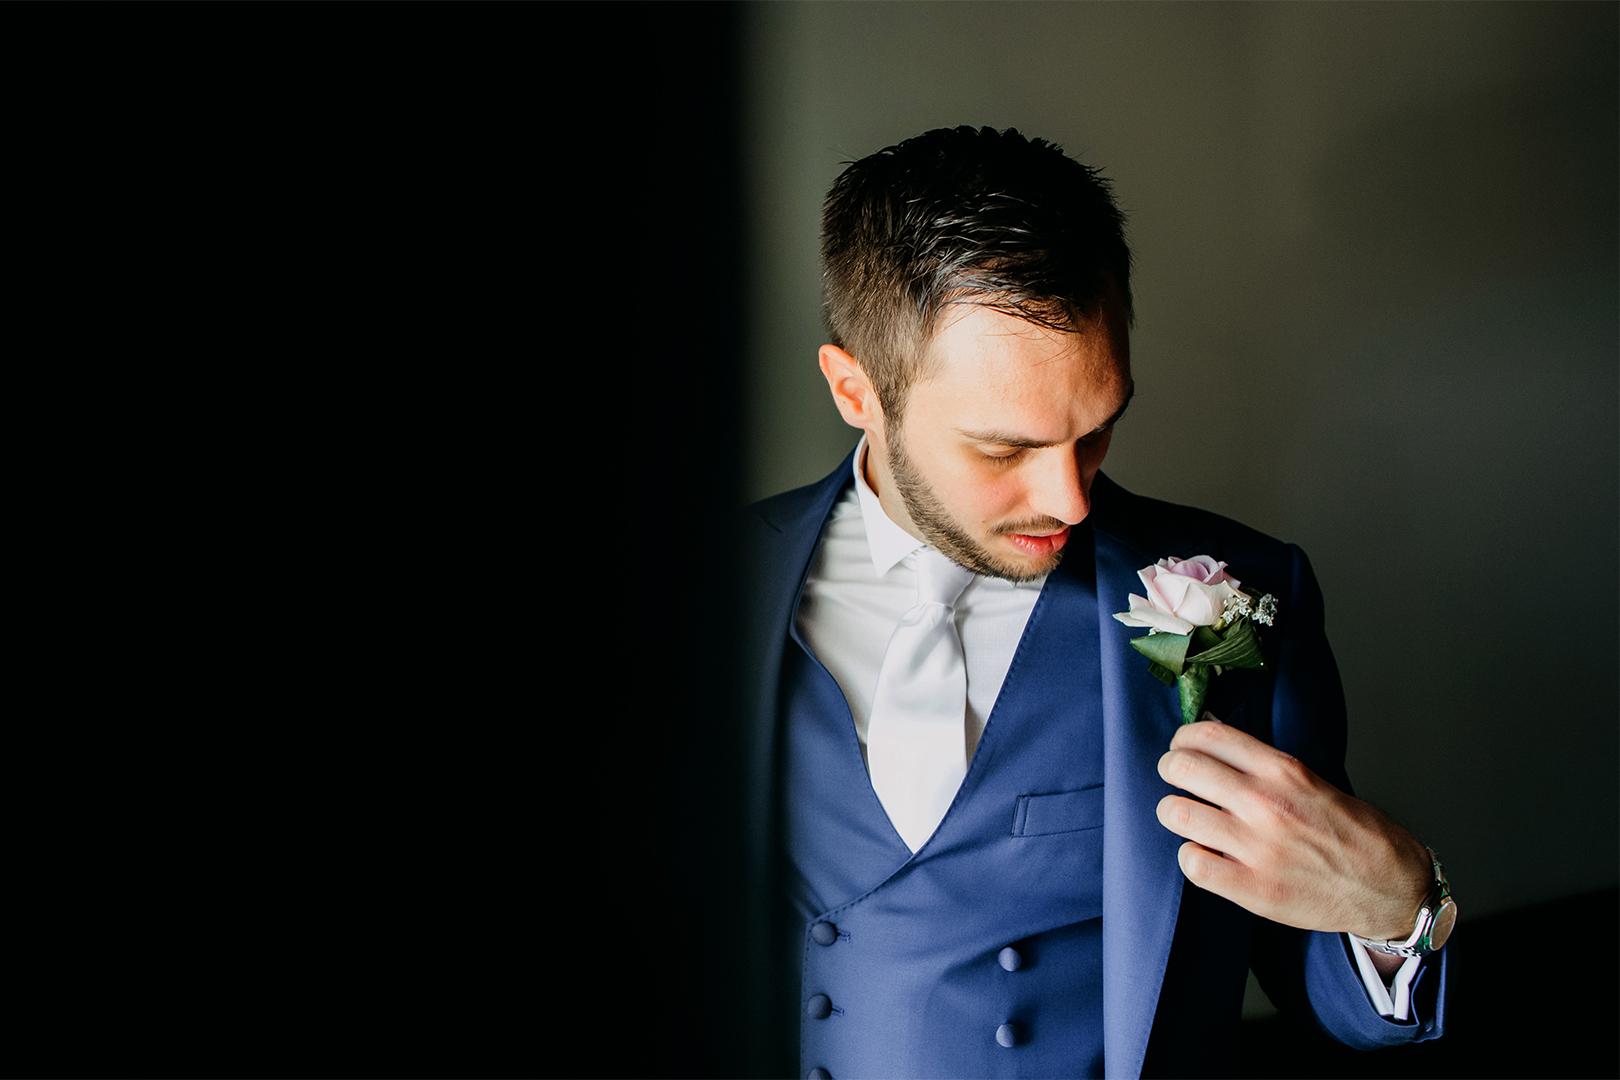 14 gianni-lepore-fotografo-sposo-groom-ritratto-matrimonio-abito-fiore